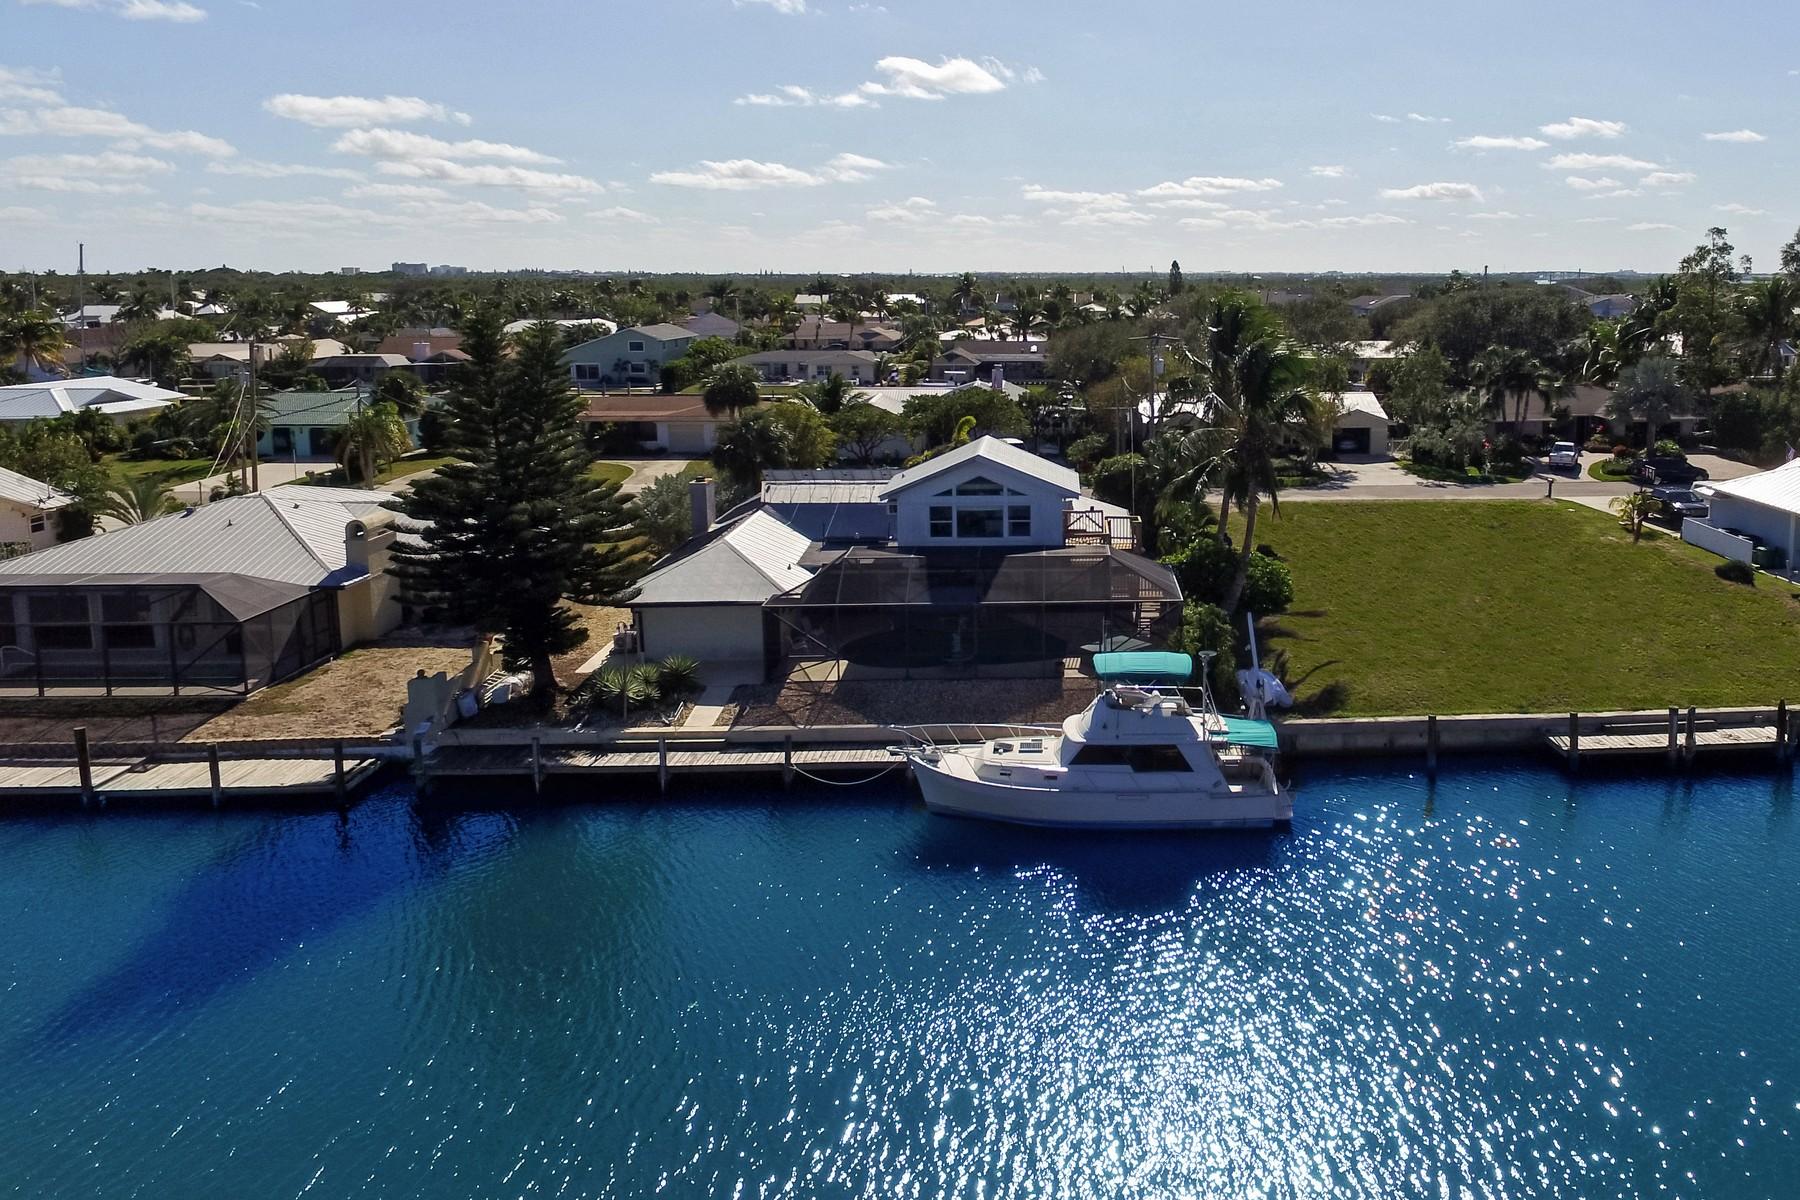 Maison unifamiliale pour l Vente à Remarkable Home in Coral Cove Beach 256 Marina Drive Fort Pierce, Florida, 34949 États-Unis